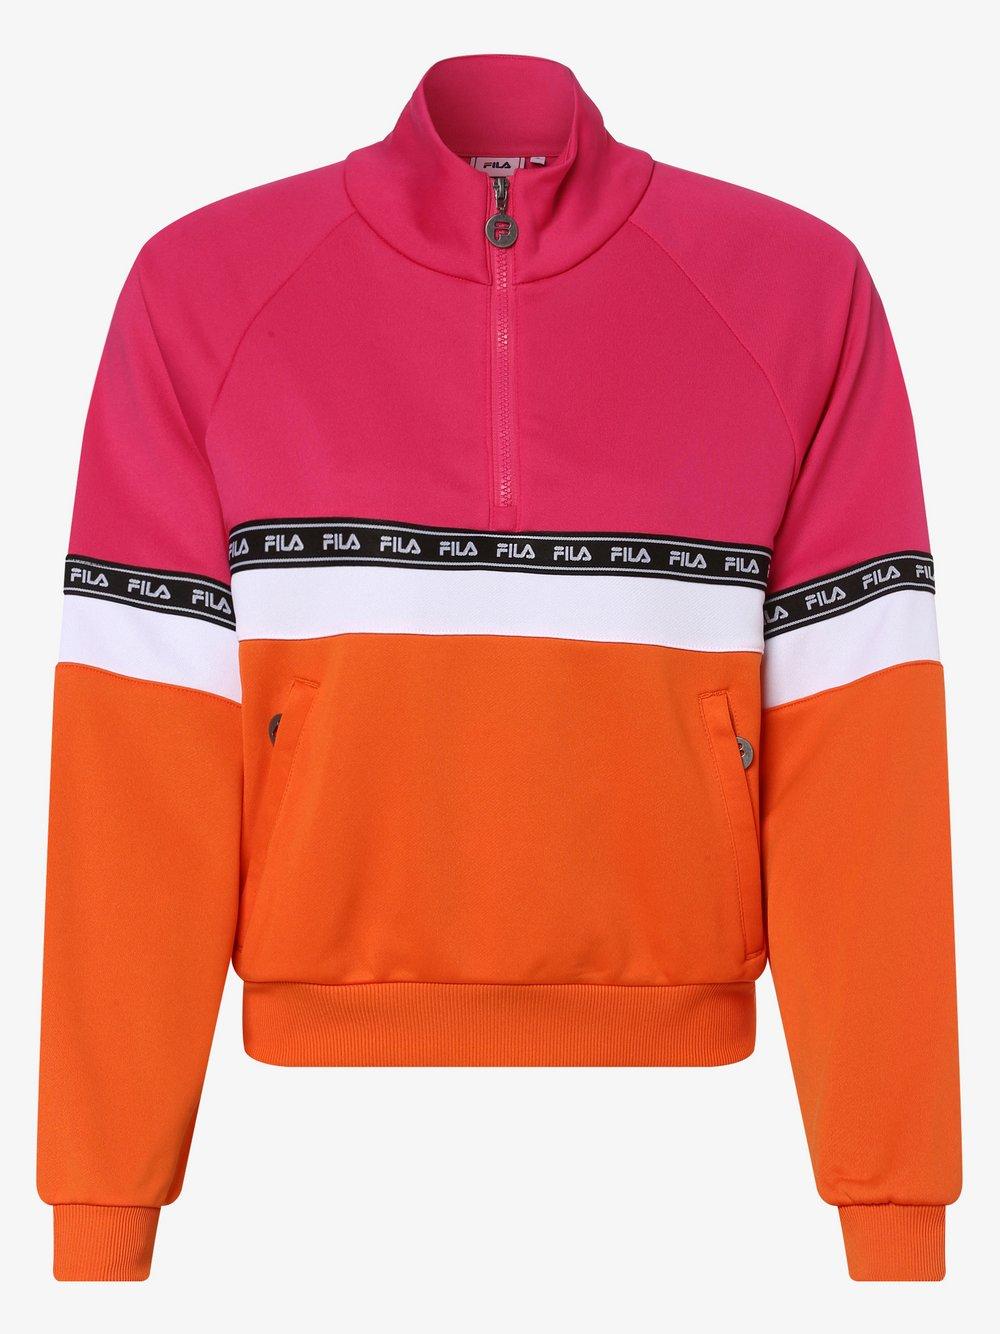 FILA - Damska bluza nierozpinana – Chinami, różowy